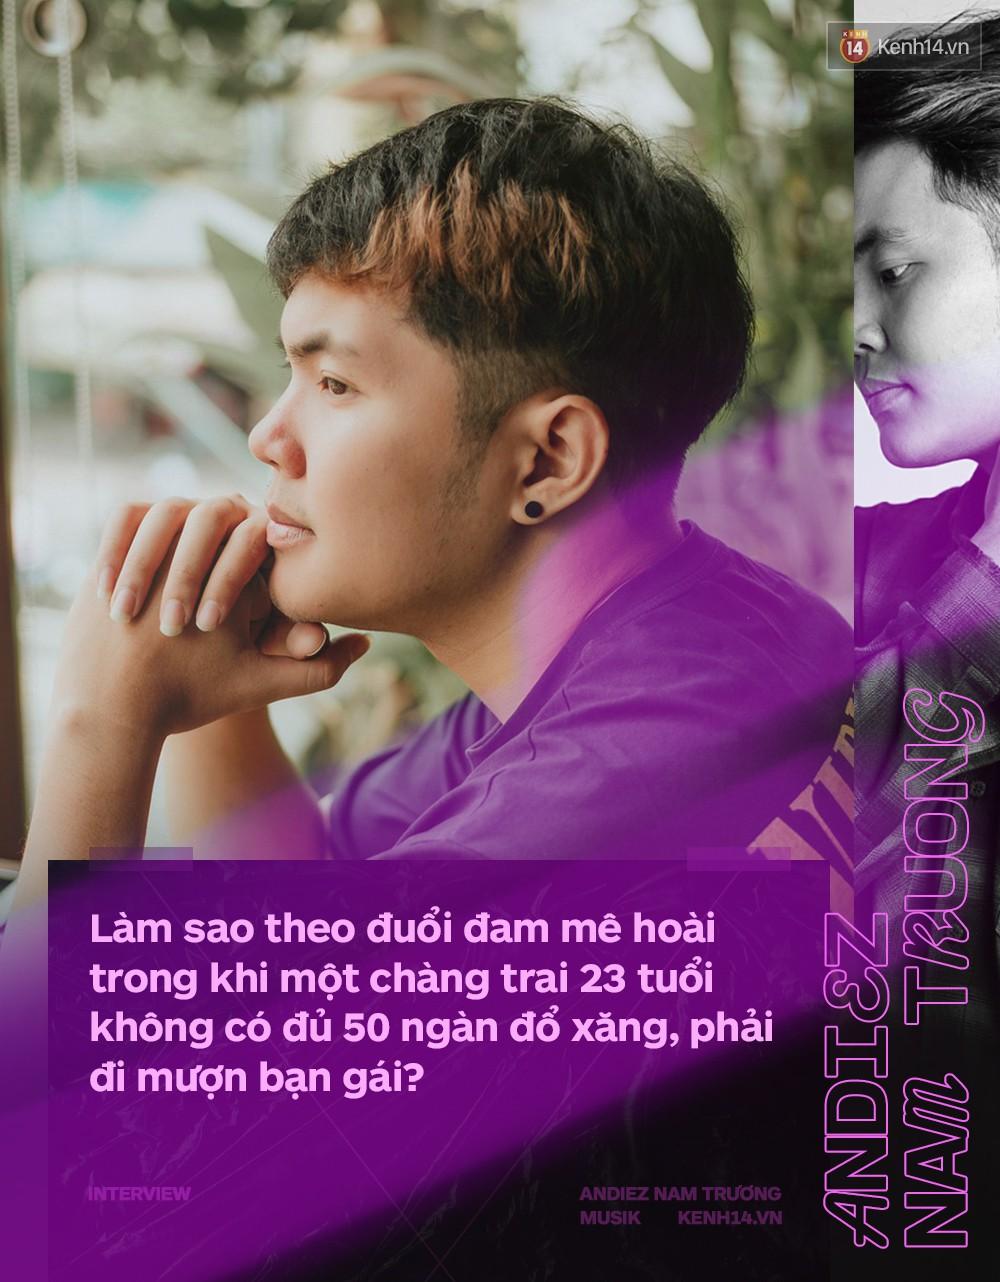 Andiez Nam Trương: Suýt từ bỏ âm nhạc vì thấy mình bất tài, không có nổi 50 ngàn đổ xăng, phải đi mượn bạn gái - Ảnh 4.